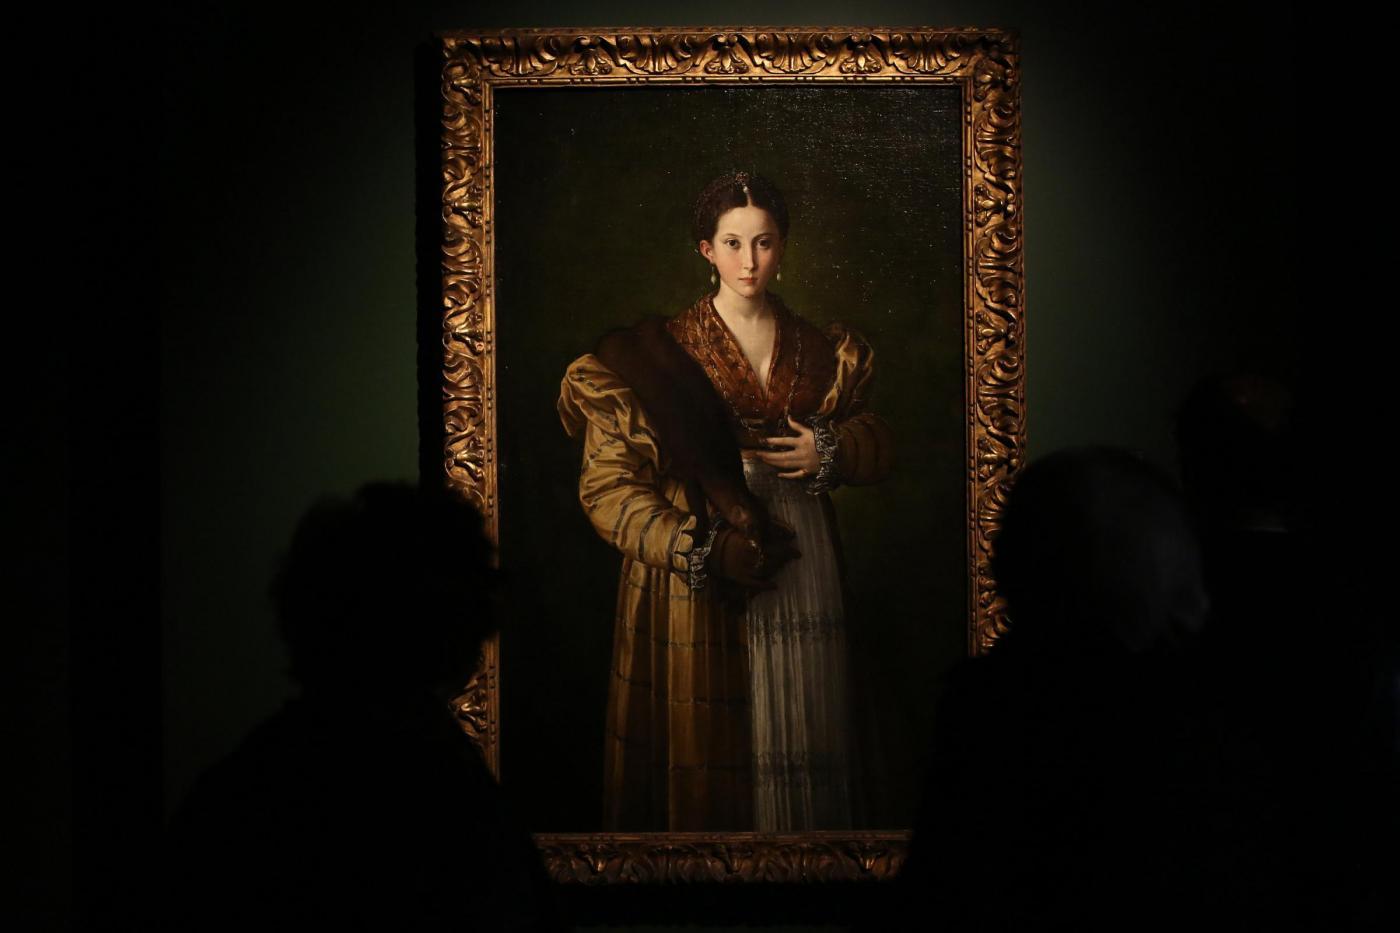 Mostra Correggio e Parmigianino a Roma: alle Scuderie del Quirinale fino al 26 giugno 2016